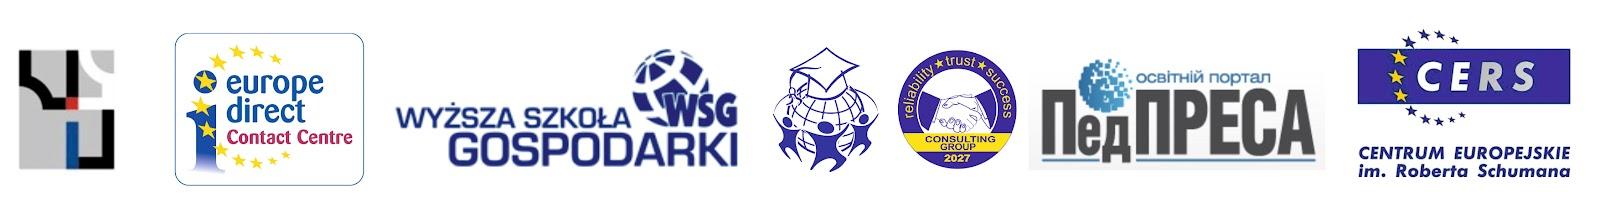 Організатори:Фундація Central European Academy Studies and Certification (CEASC) , м. Бидгощ  Університет Економіки (WSG), м. Бидгощ  Європейський Центр ім. Роберта Шумана  Мережа пунктів Європейської Інформації Europe Direct